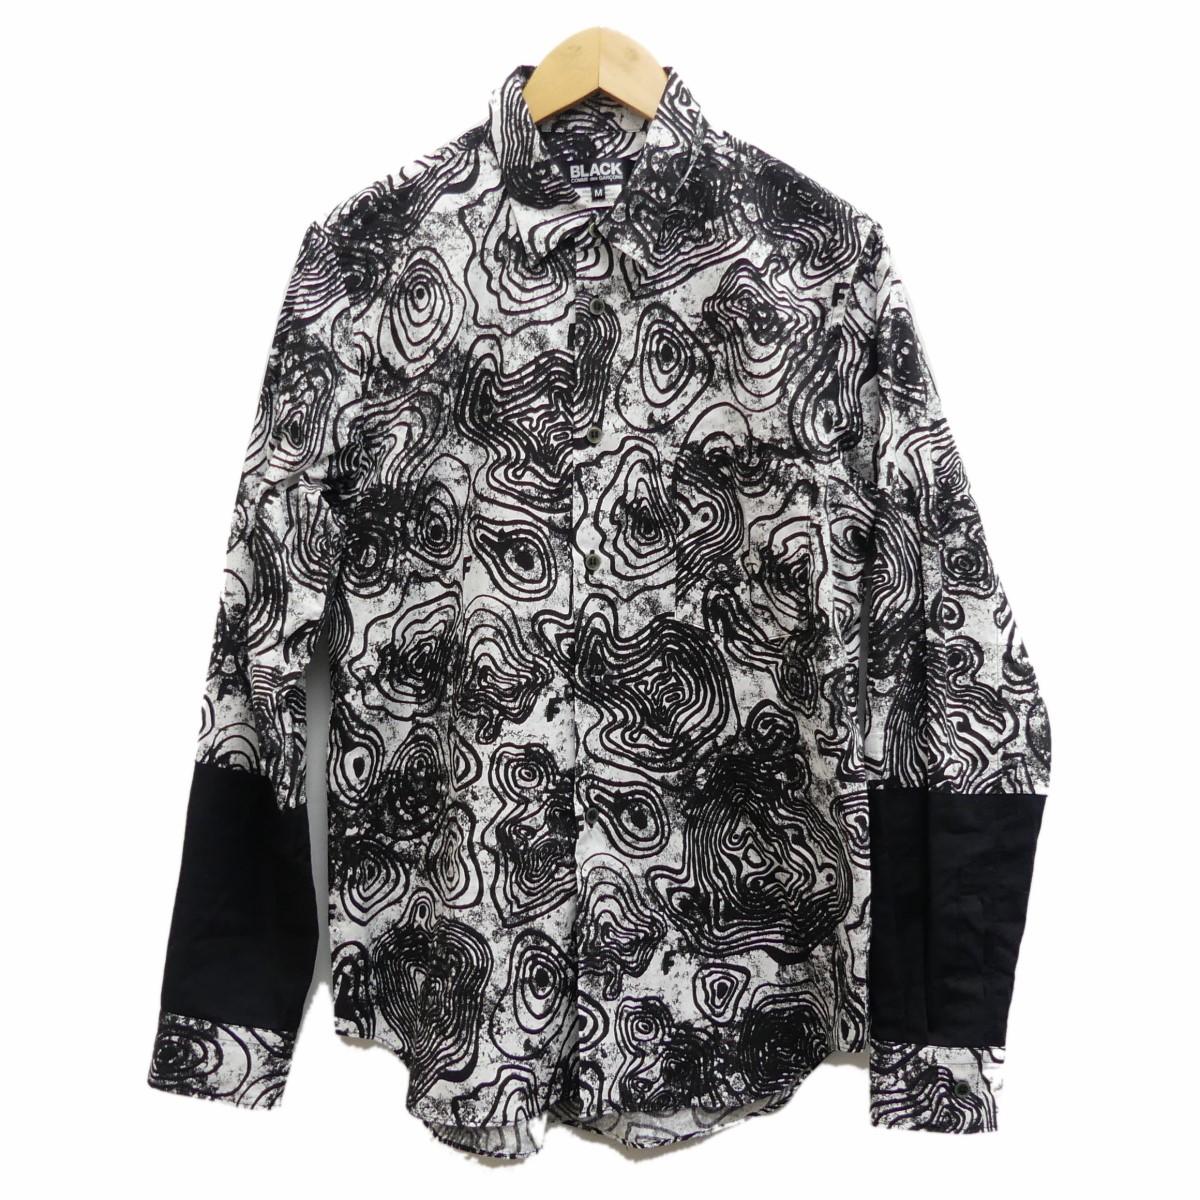 【中古】BLACK COMME des GARCONS 2018A/W 総柄シャツ ブラック サイズ:M 【120120】(ブラック コムデギャルソン)